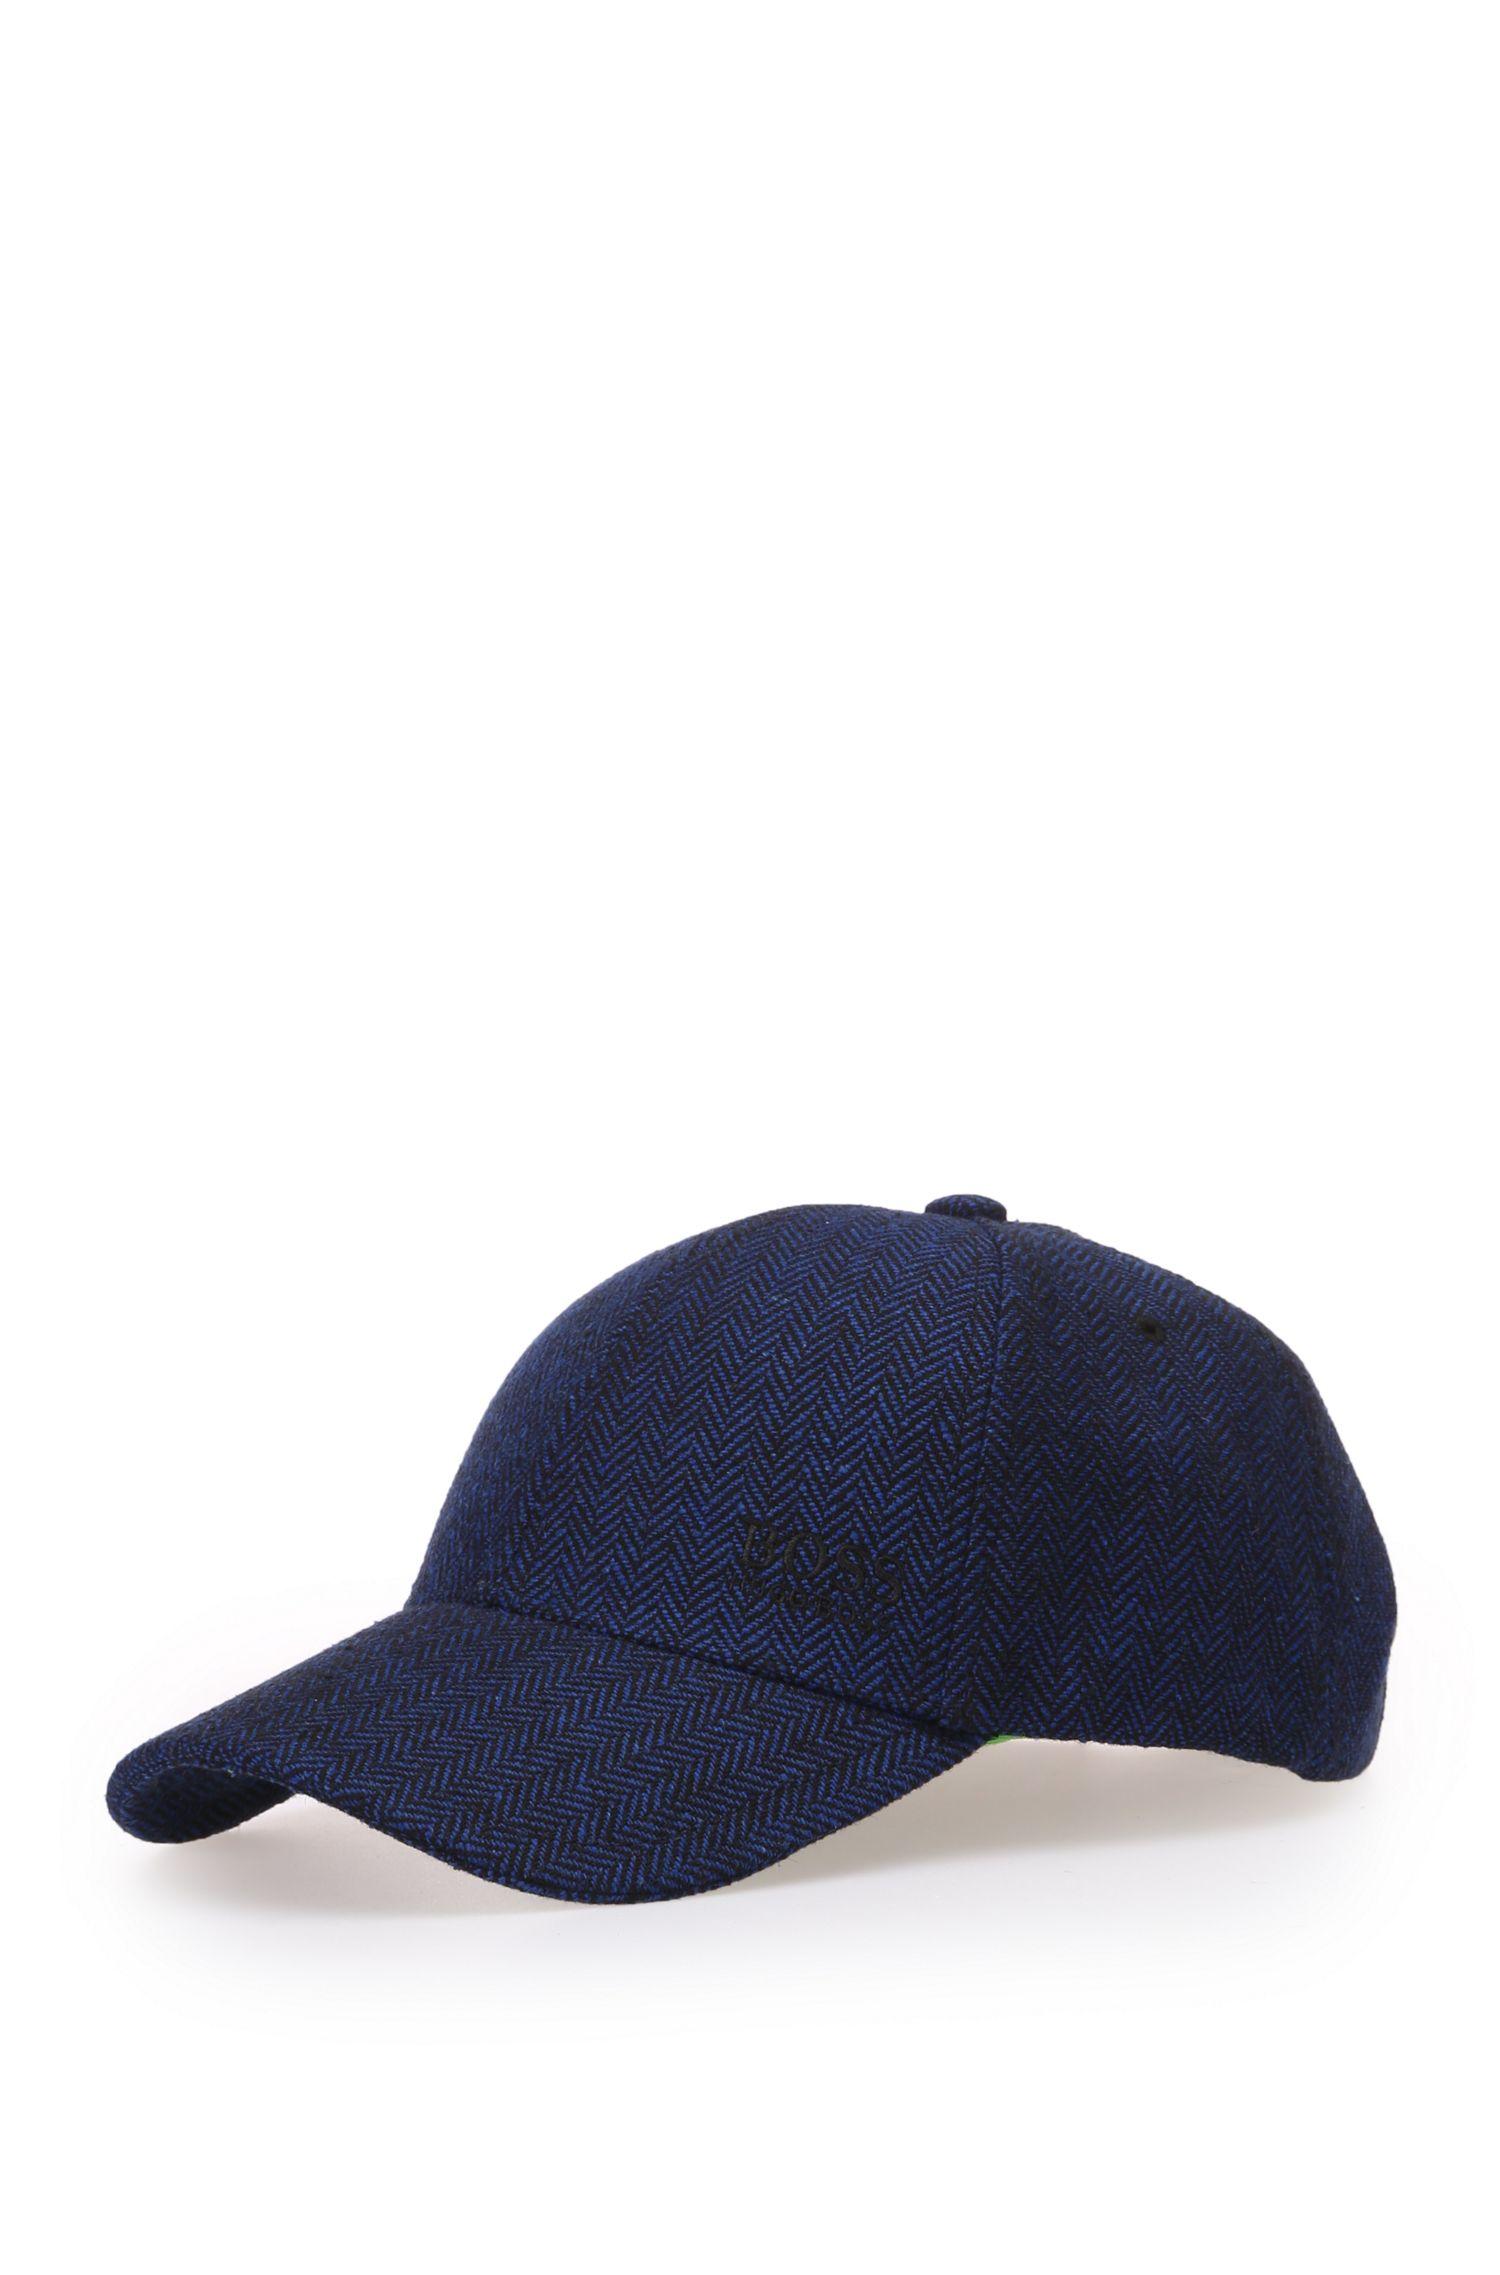 'Cap Herringbone' | Herringbone Baseball Cap